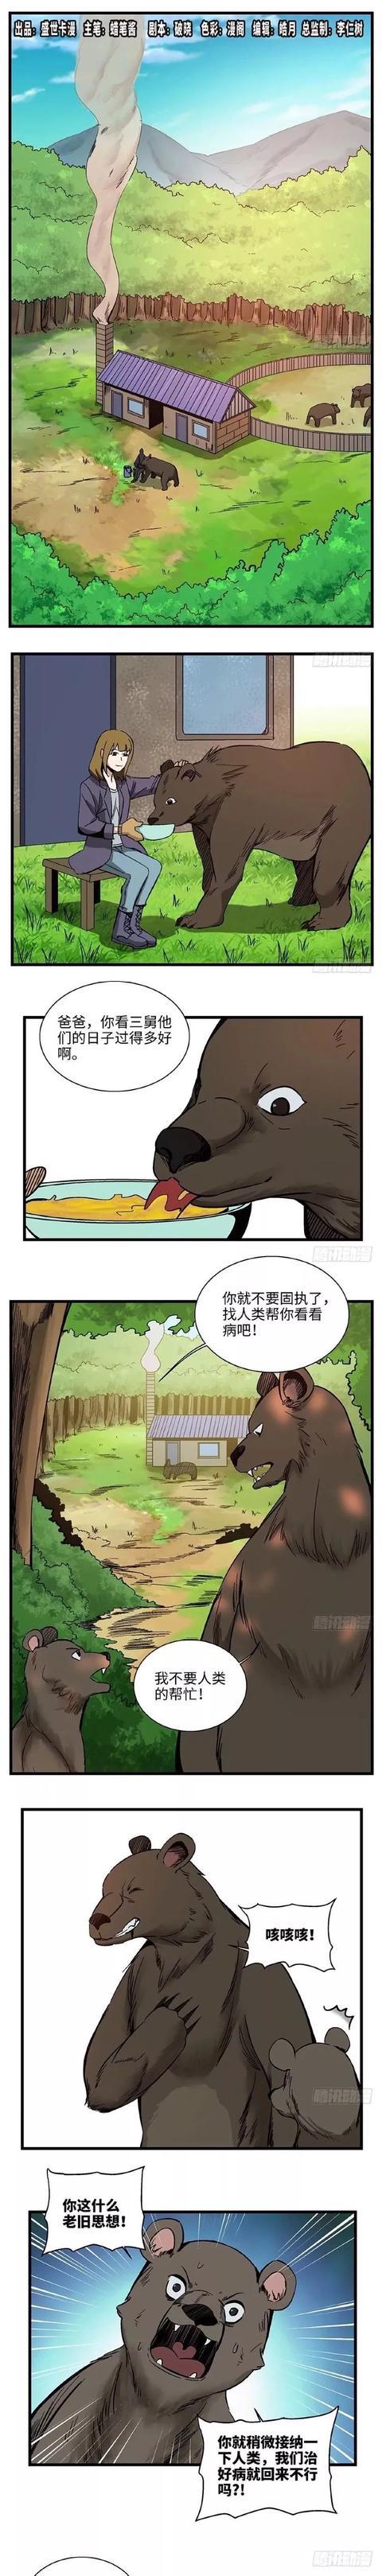 小黑熊图片